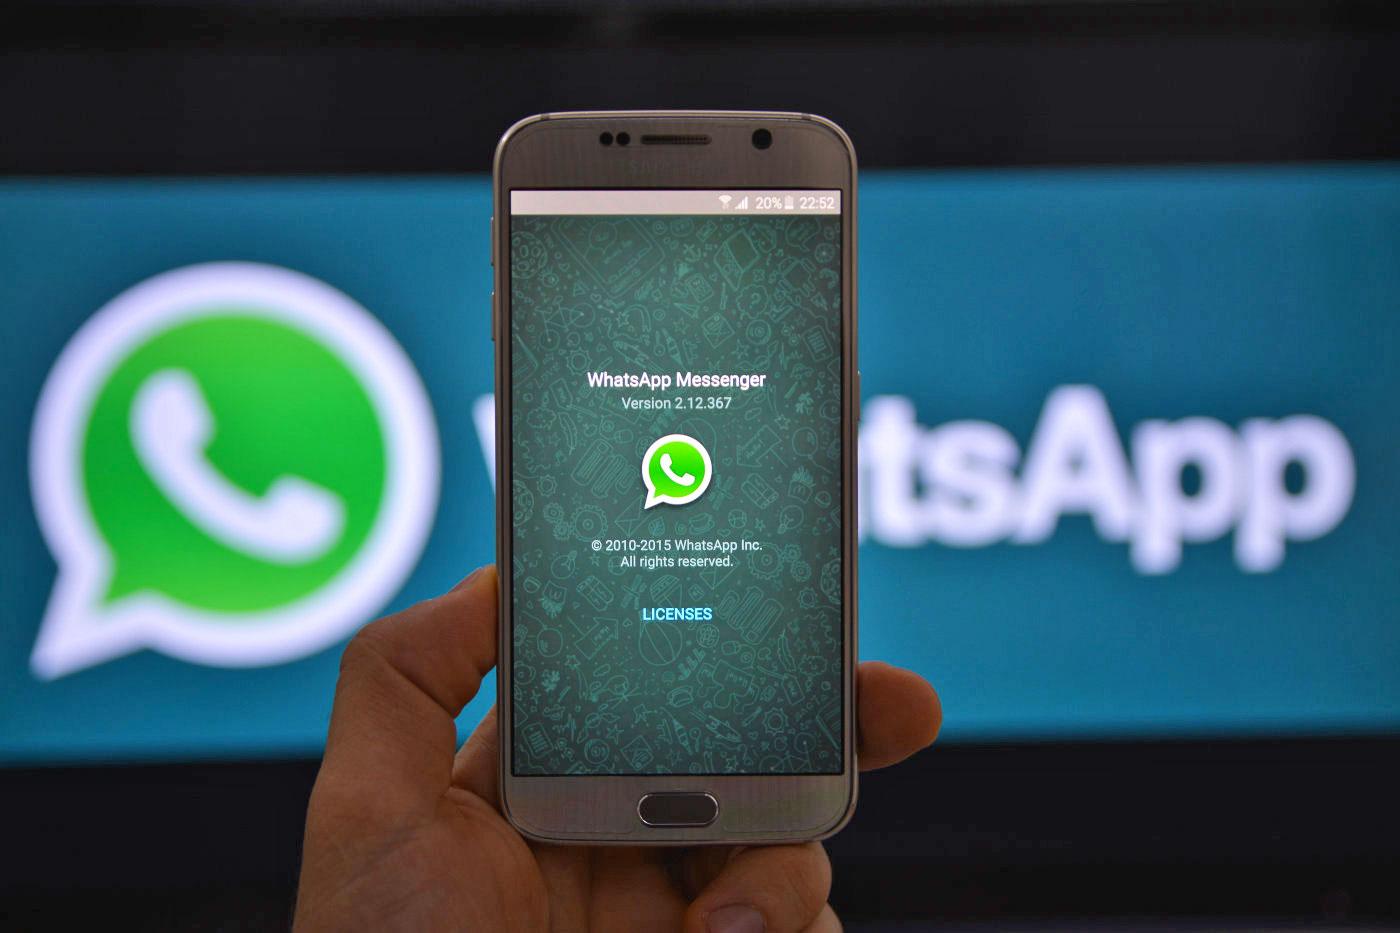 Estos teléfonos se quedarán sin WhatsApp a partir del 30 de junio